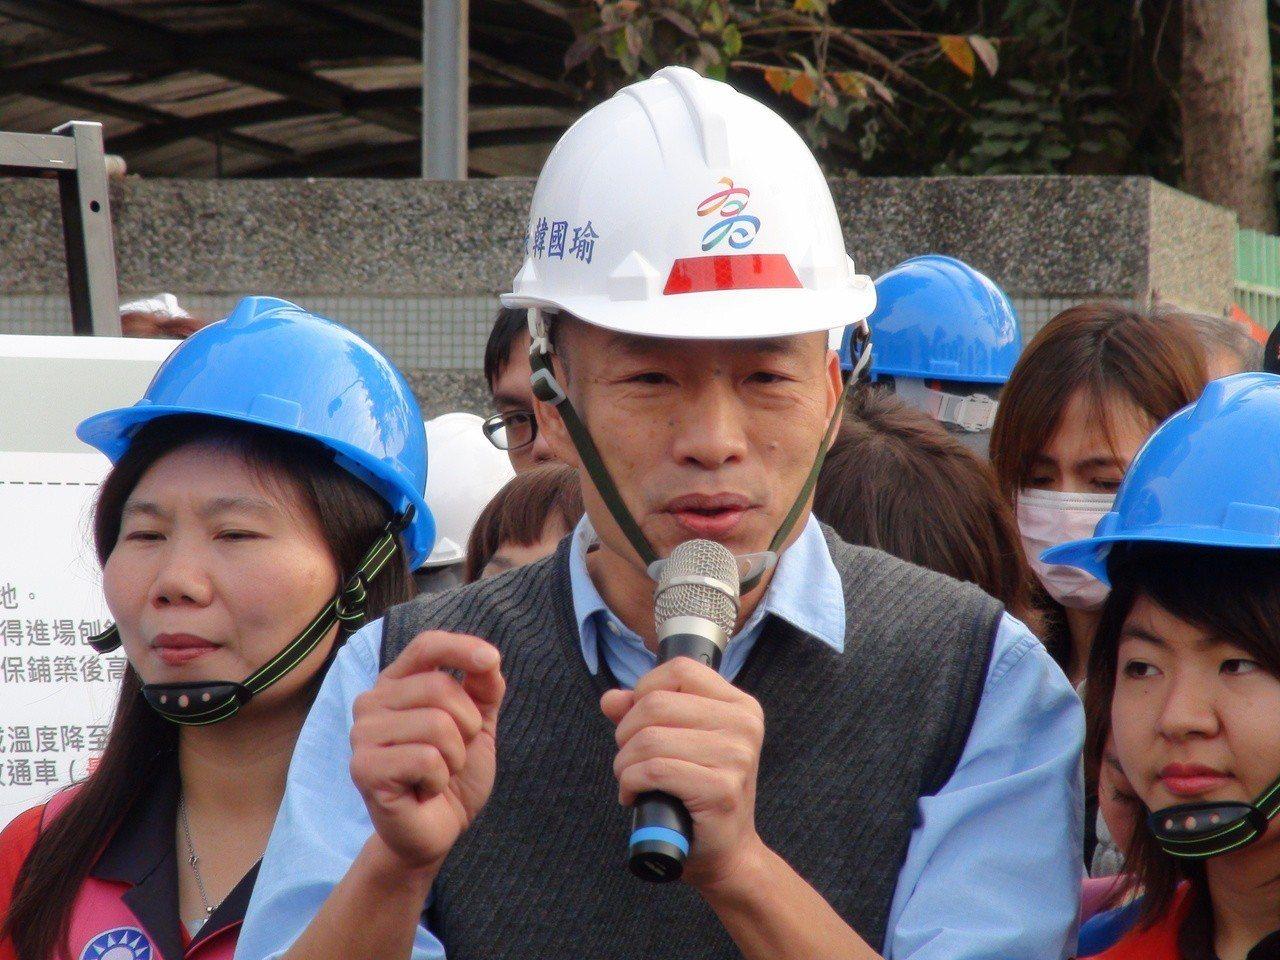 高雄市長韓國瑜說,可能會跟柯文哲約去日本旅遊玩,不會搭檔選總統。記者謝梅芬/攝影